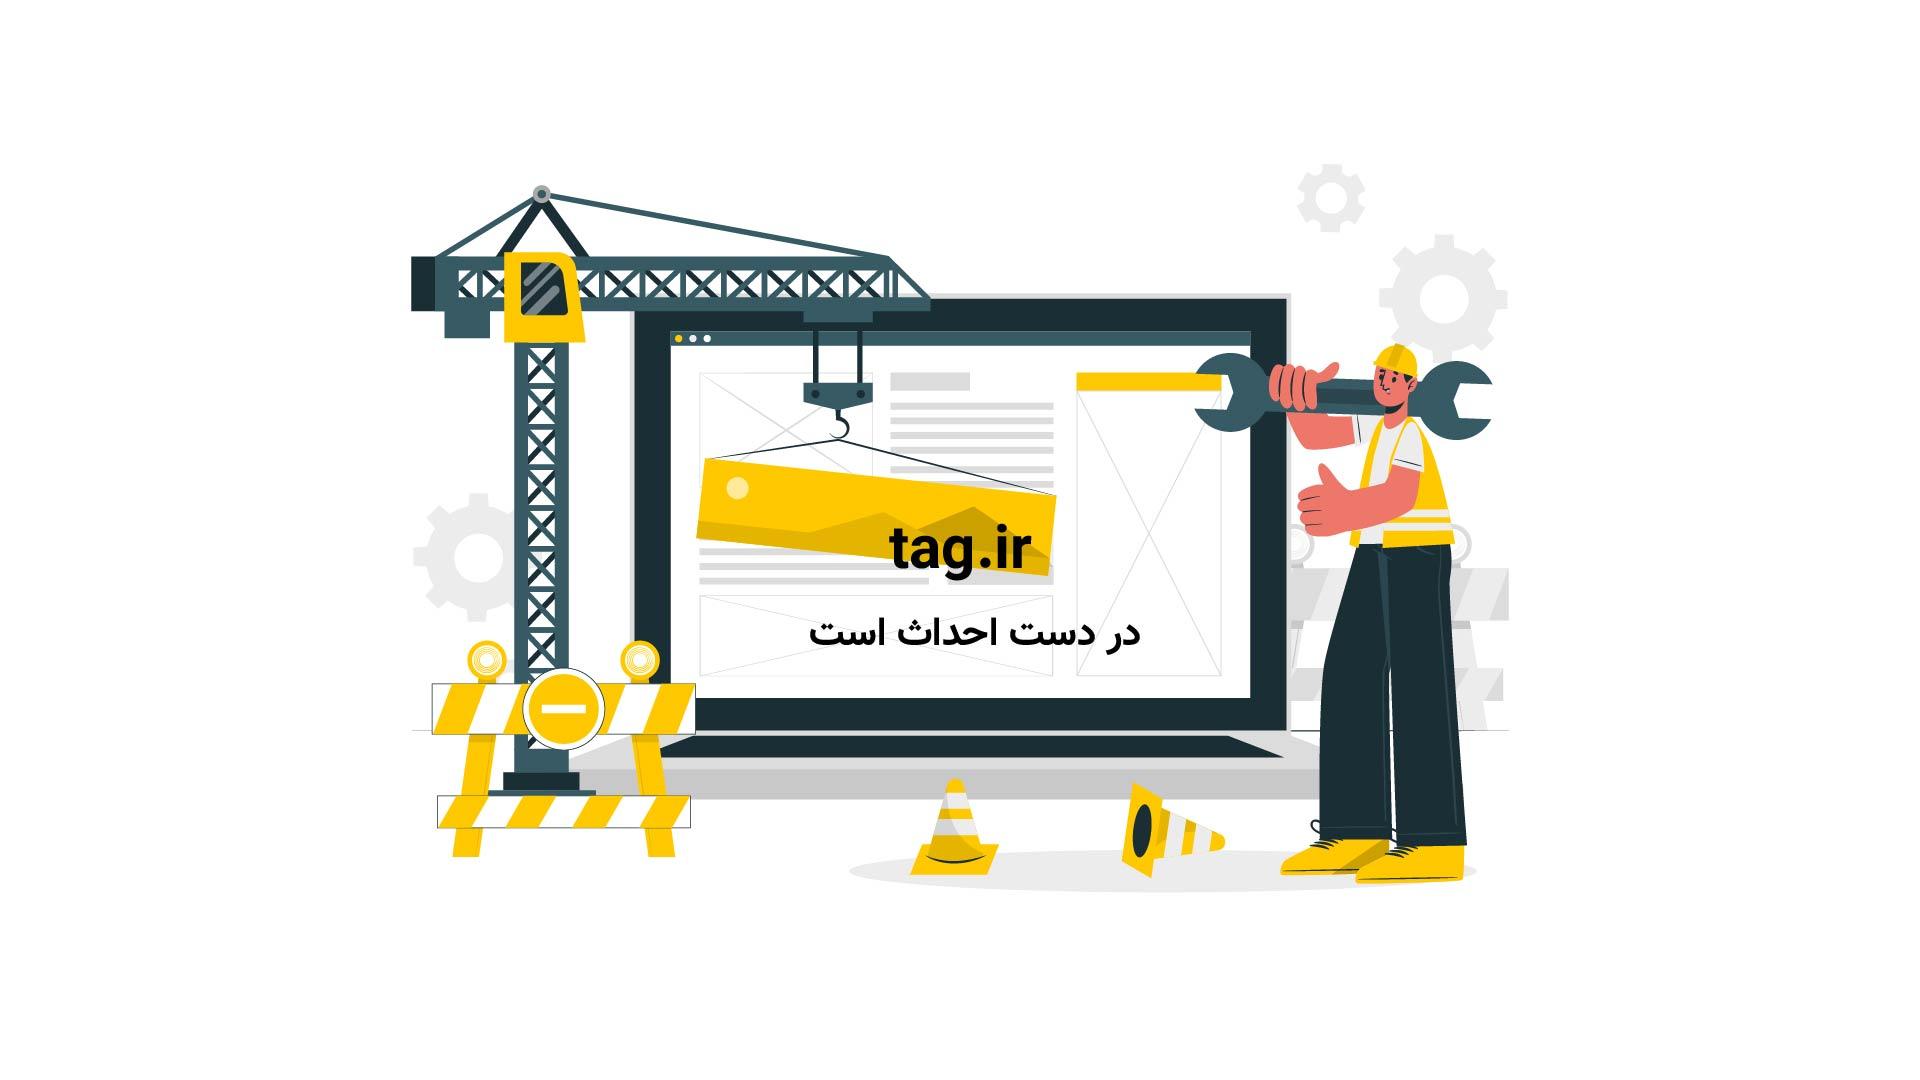 سخنرانی های تد؛ از ماشین ها و کامپیوتر ها نترسید |فیلم